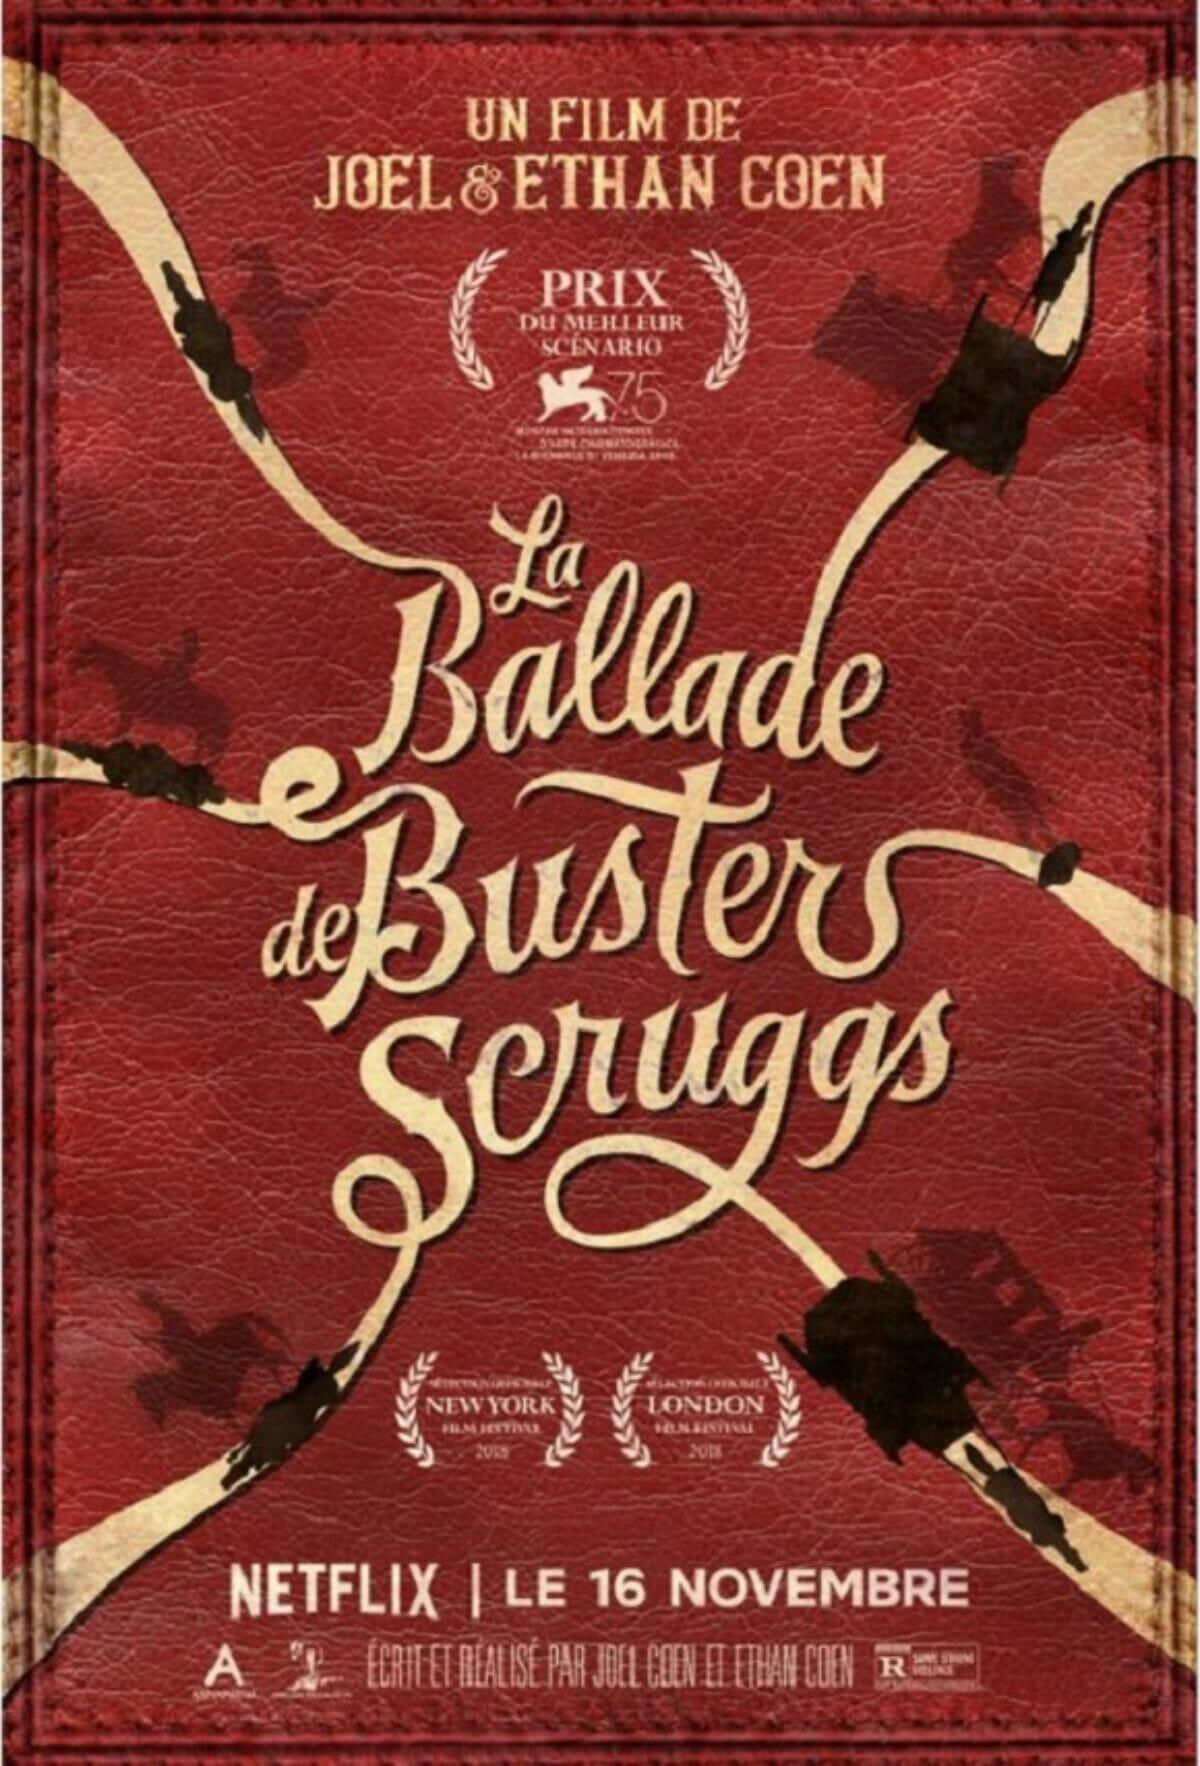 La-Ballade-de-Buster-Scruggs-poster